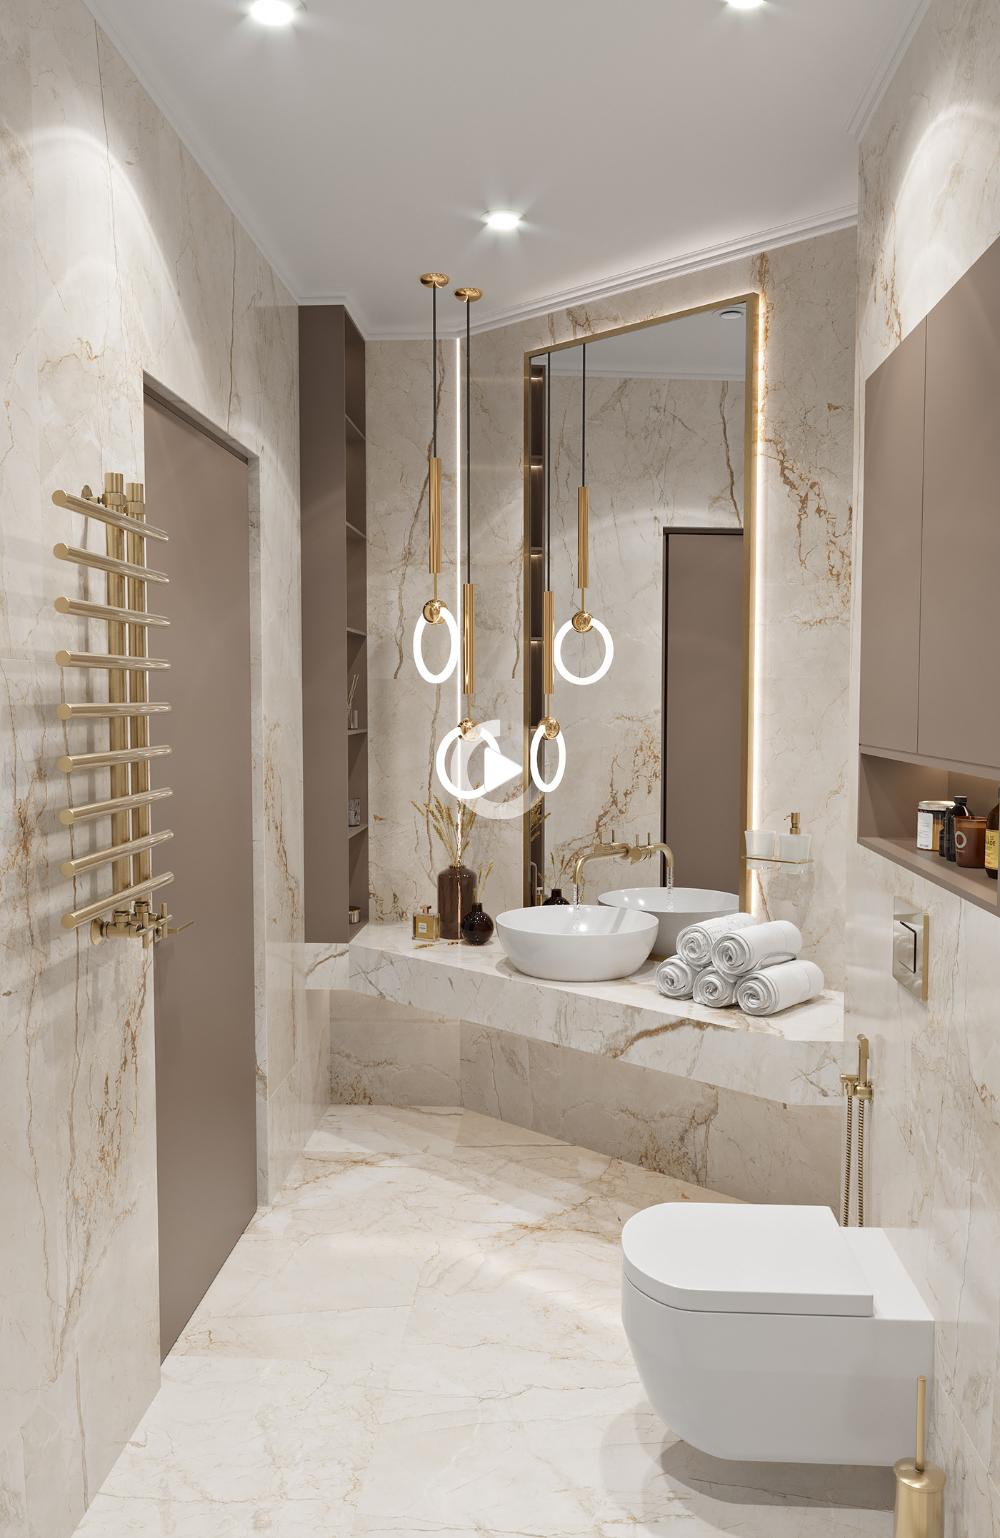 Merinos Kashan Floral Framed Rug In 2021 Bathroom Interior Bathroom Interior Design Classic Bathroom